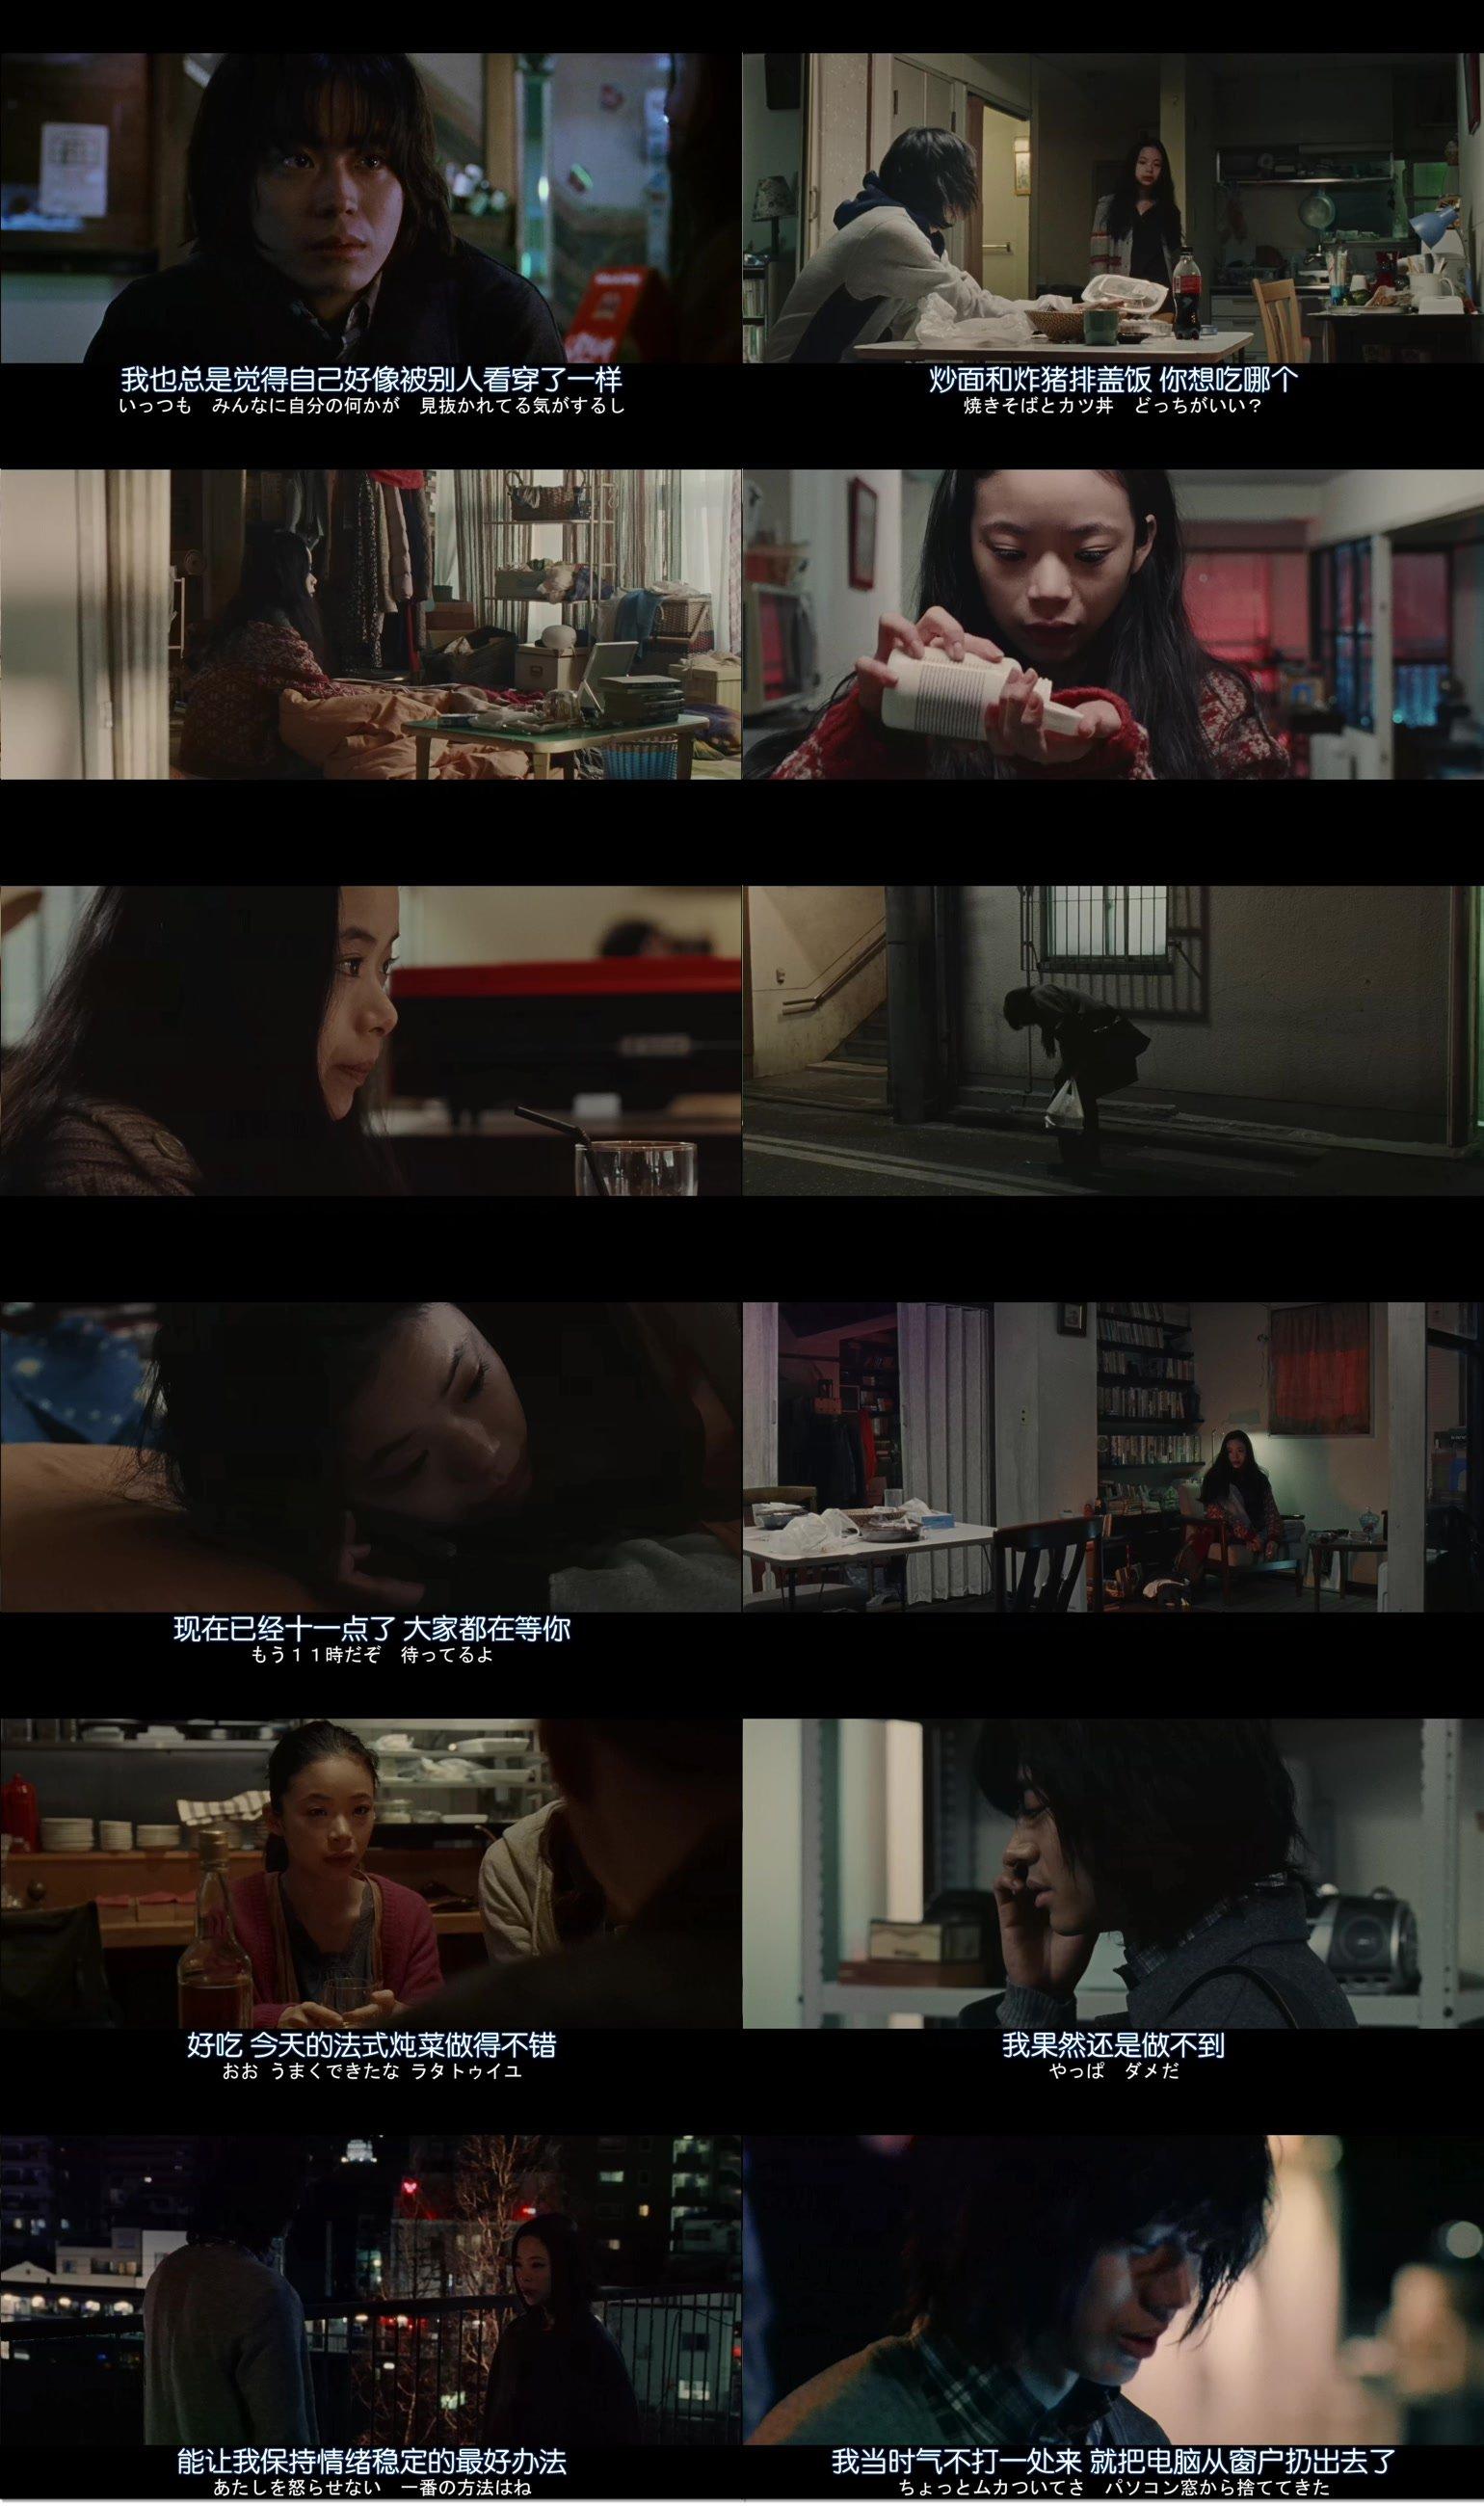 [日] 活著,就是愛.2018.BD-720p[MKV@3.1G@多空@簡中/日文]